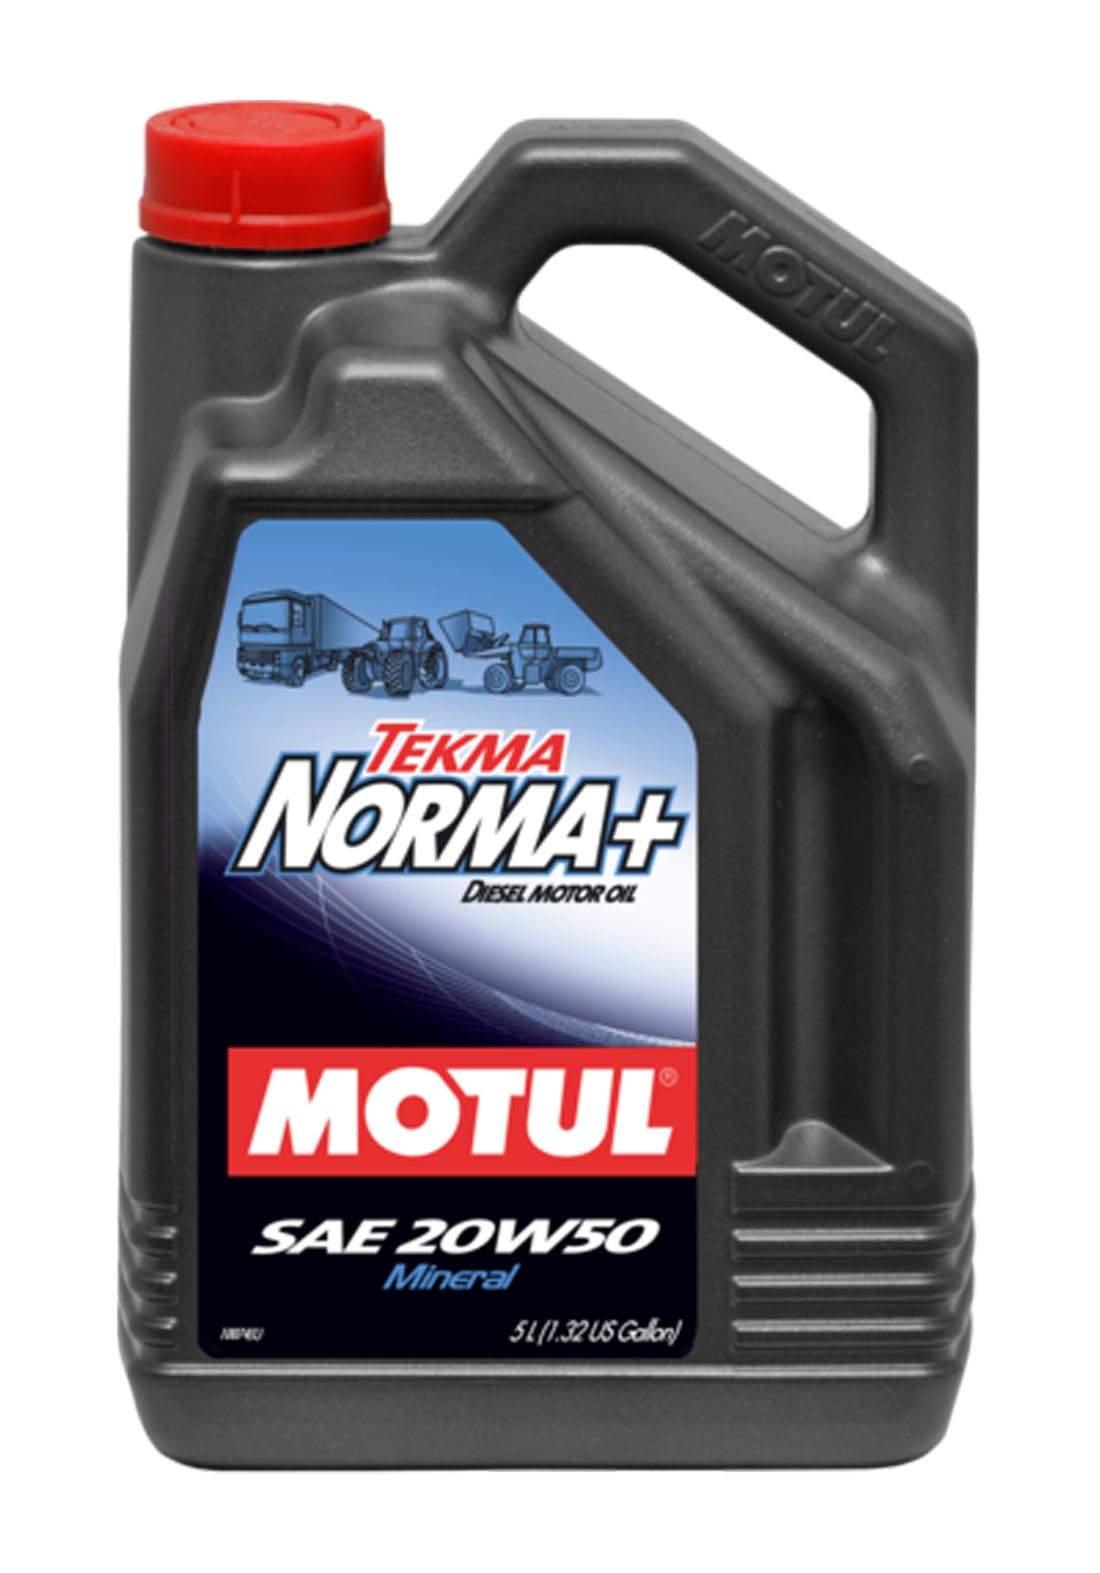 Motul 50 Tekma Norma Constant -Mineral Oil 5 L زيت معدني ثابت للمولدات والسيارات